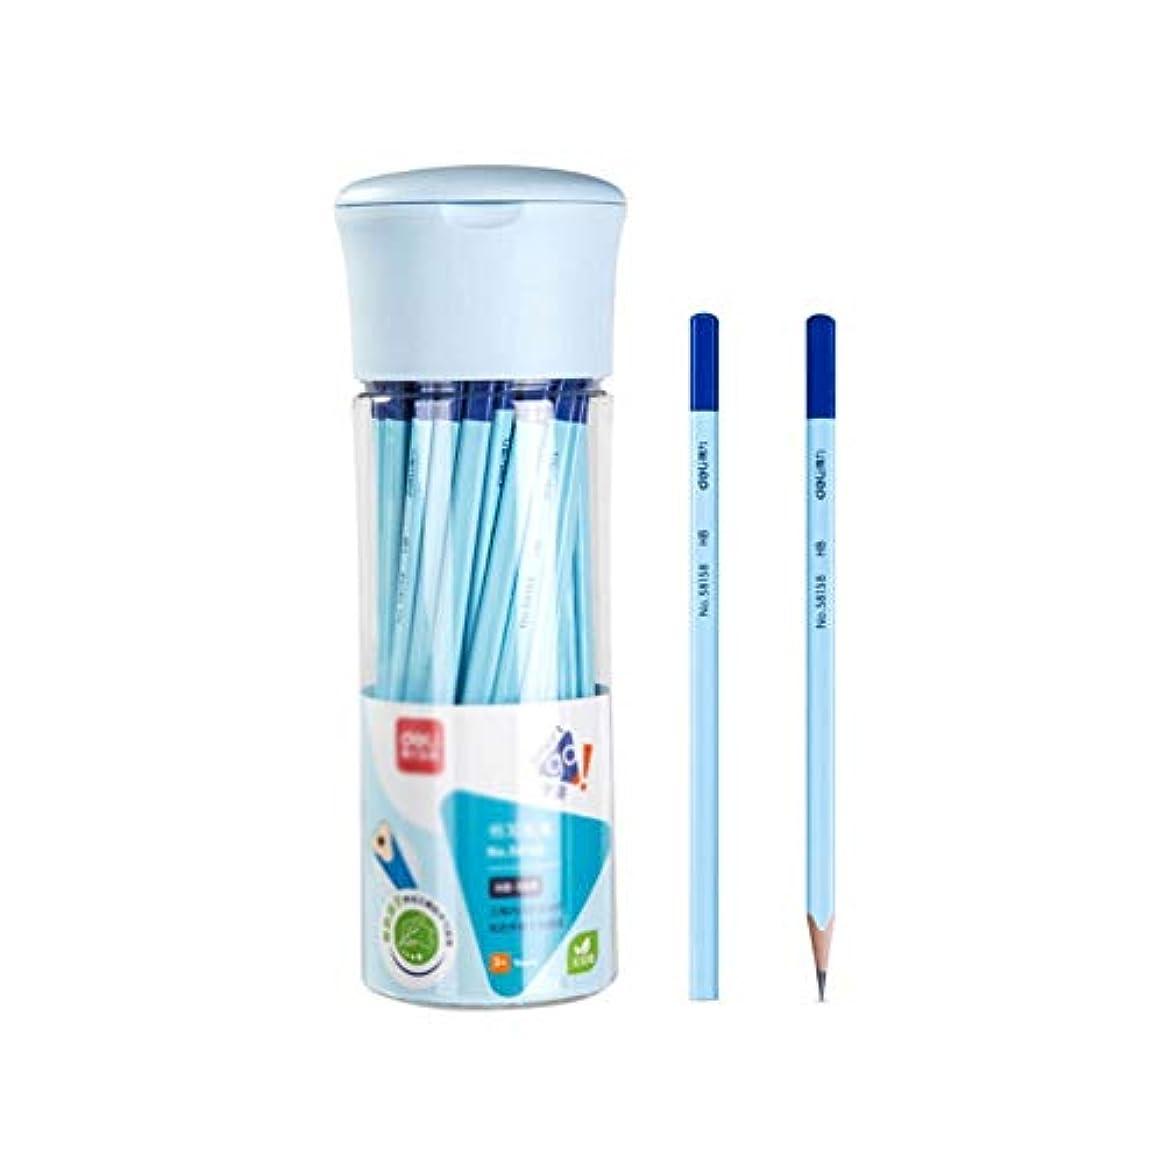 管理する対抗おじいちゃんFengshangshanghang001 ペイントブラシ、グリップ、快適な三角形、凹型鉛筆、修正グリップ、50バレルの木製スケッチペイントブラシ(50パック、7 * 24cm) ペンの位置をガイドする (Color : Blue, Size : 7*24cm)